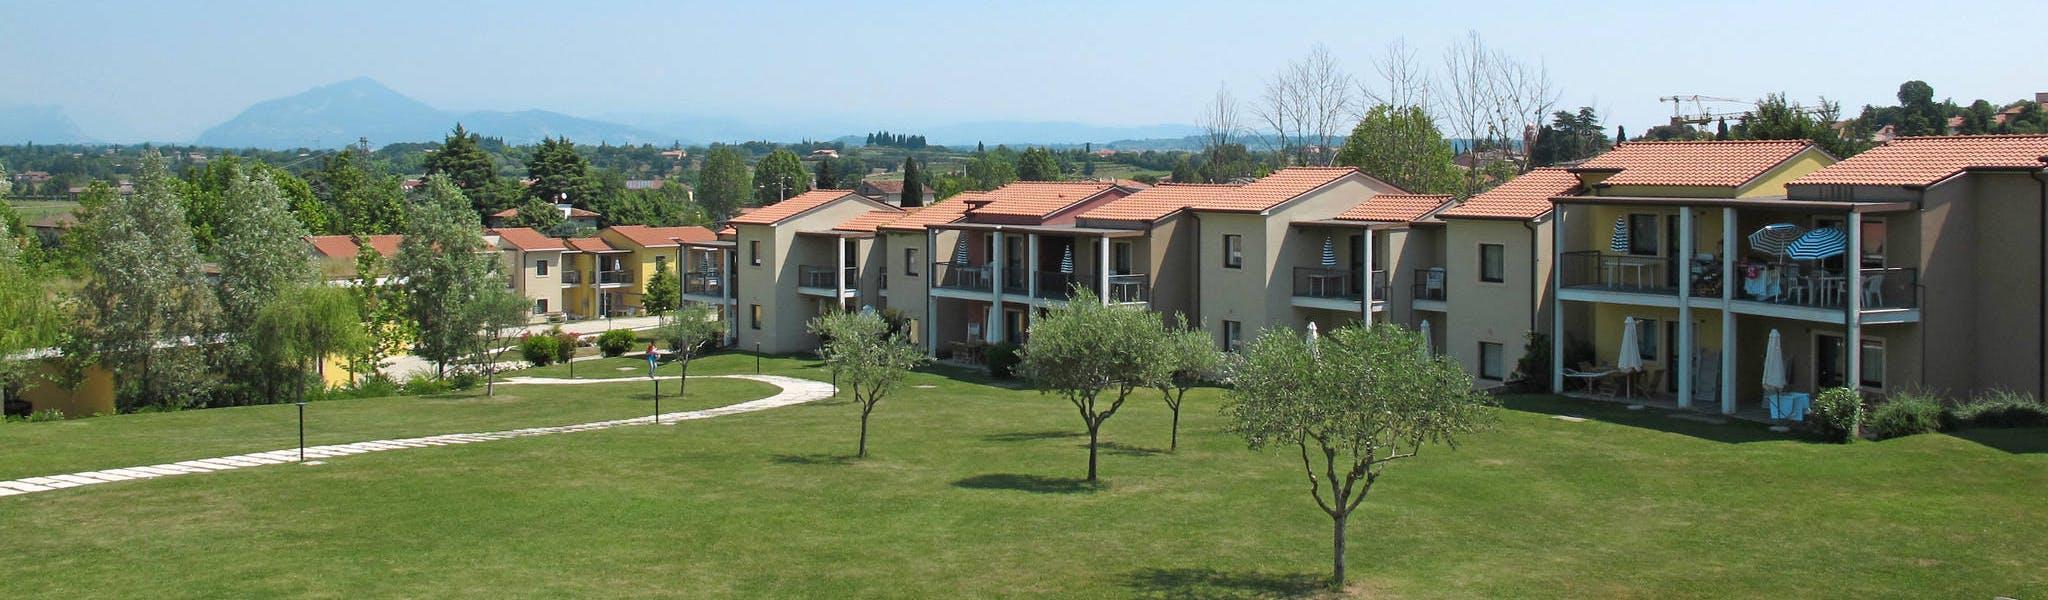 Belvedere Village